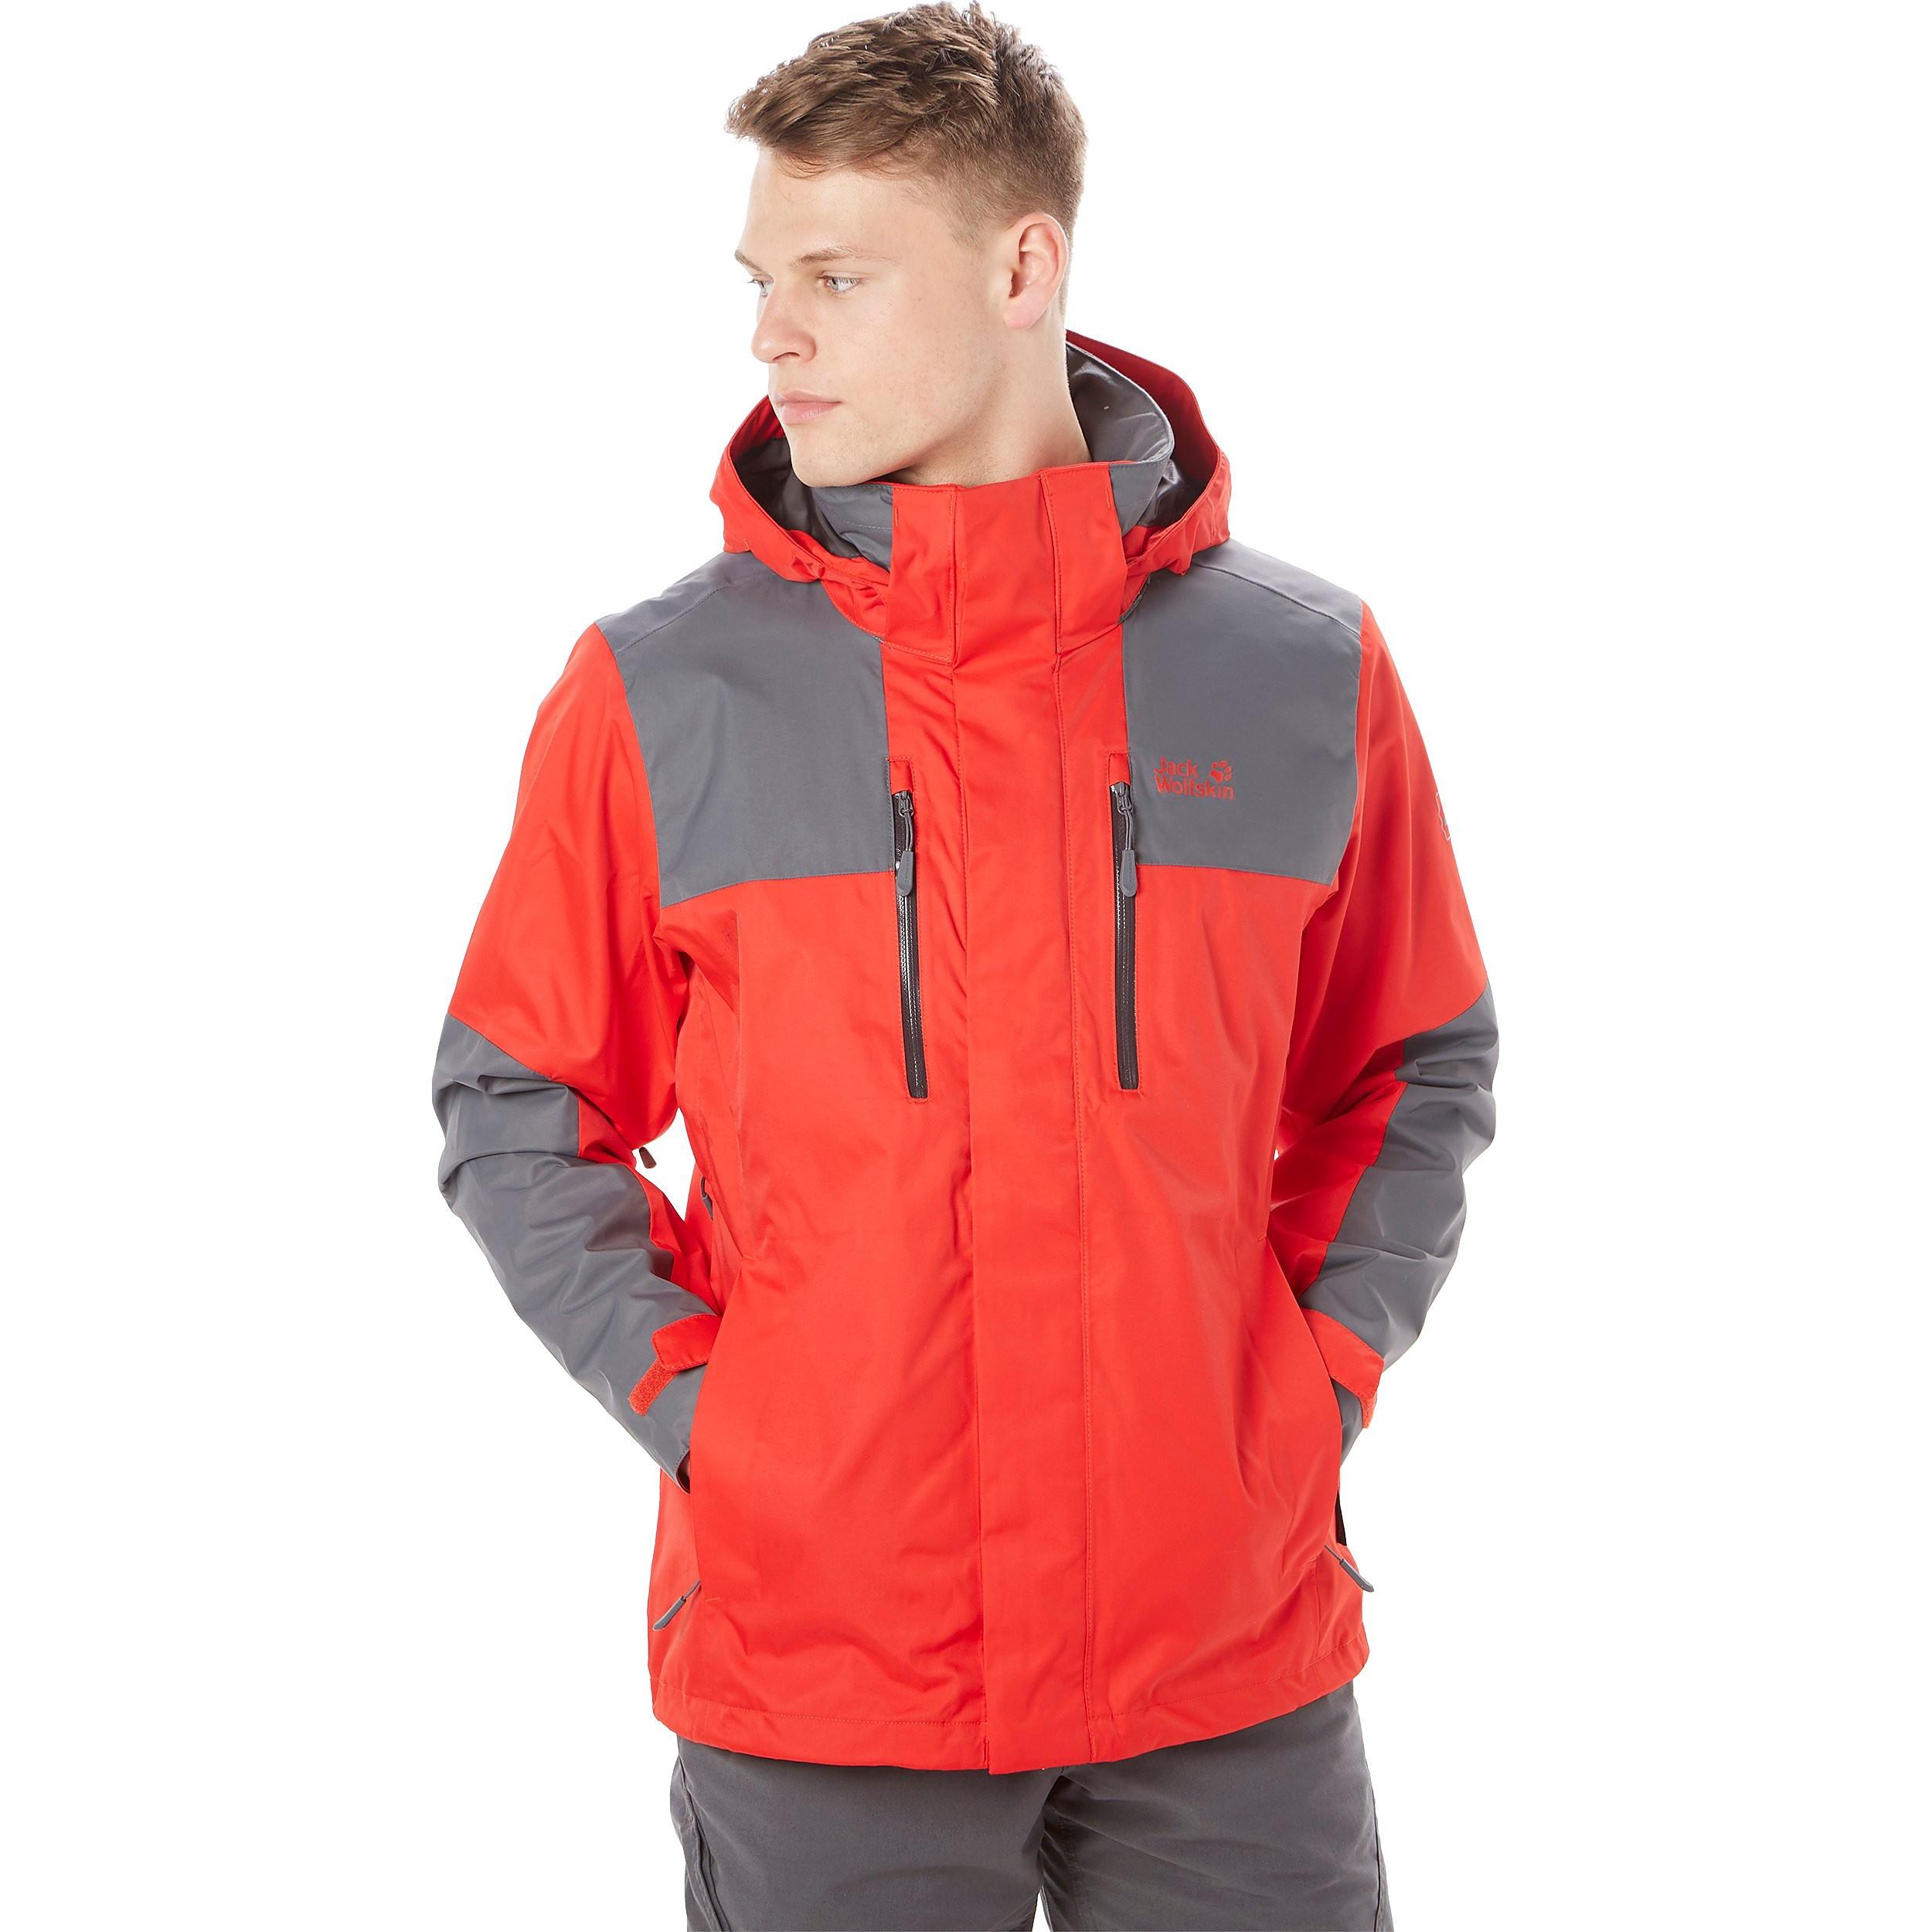 Jack Wolfskin Jasper Flex Jacket Waterproof Men's Jacket